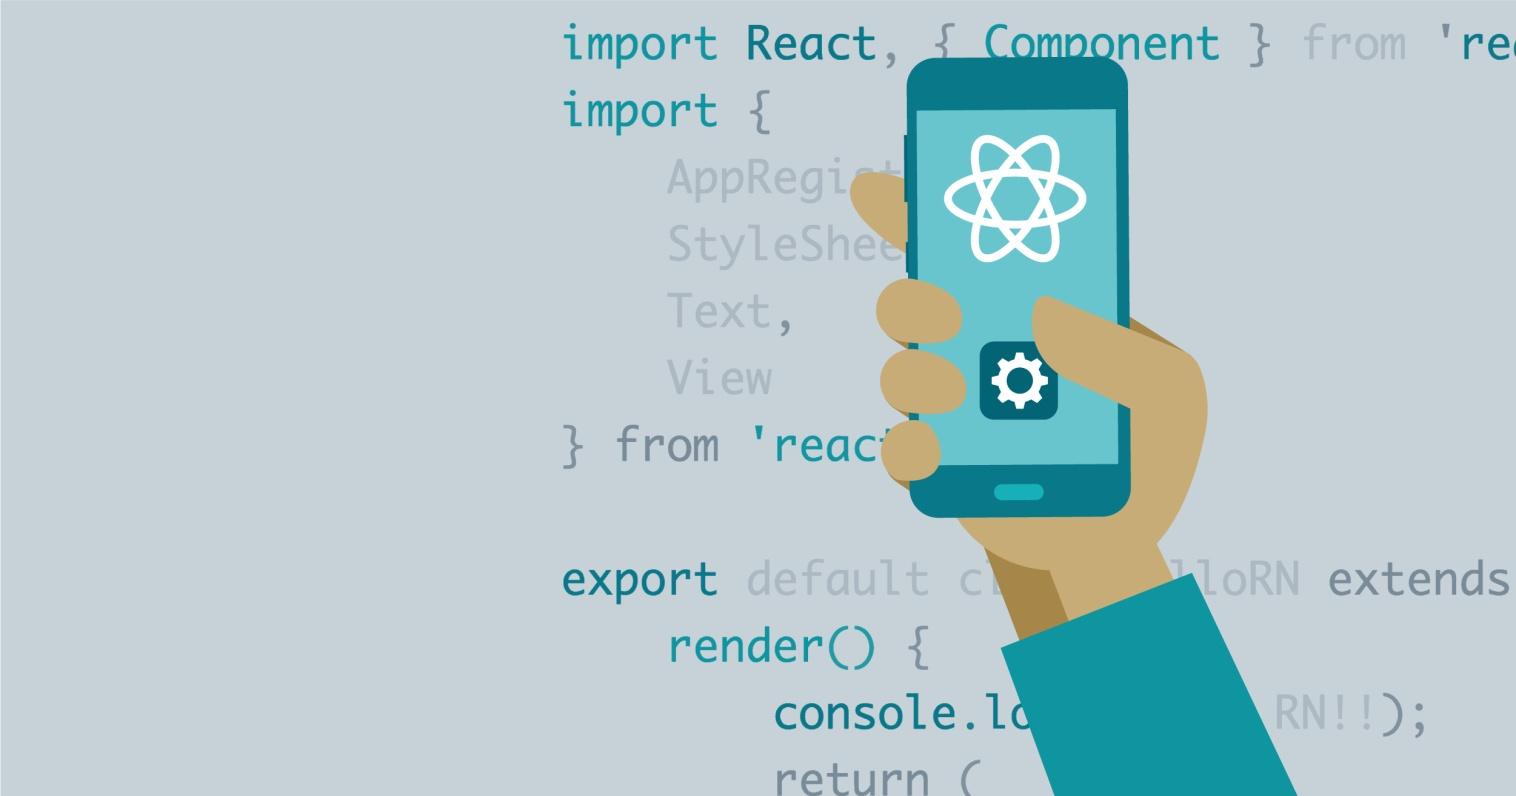 Как стать React разработчиком в 2018 году